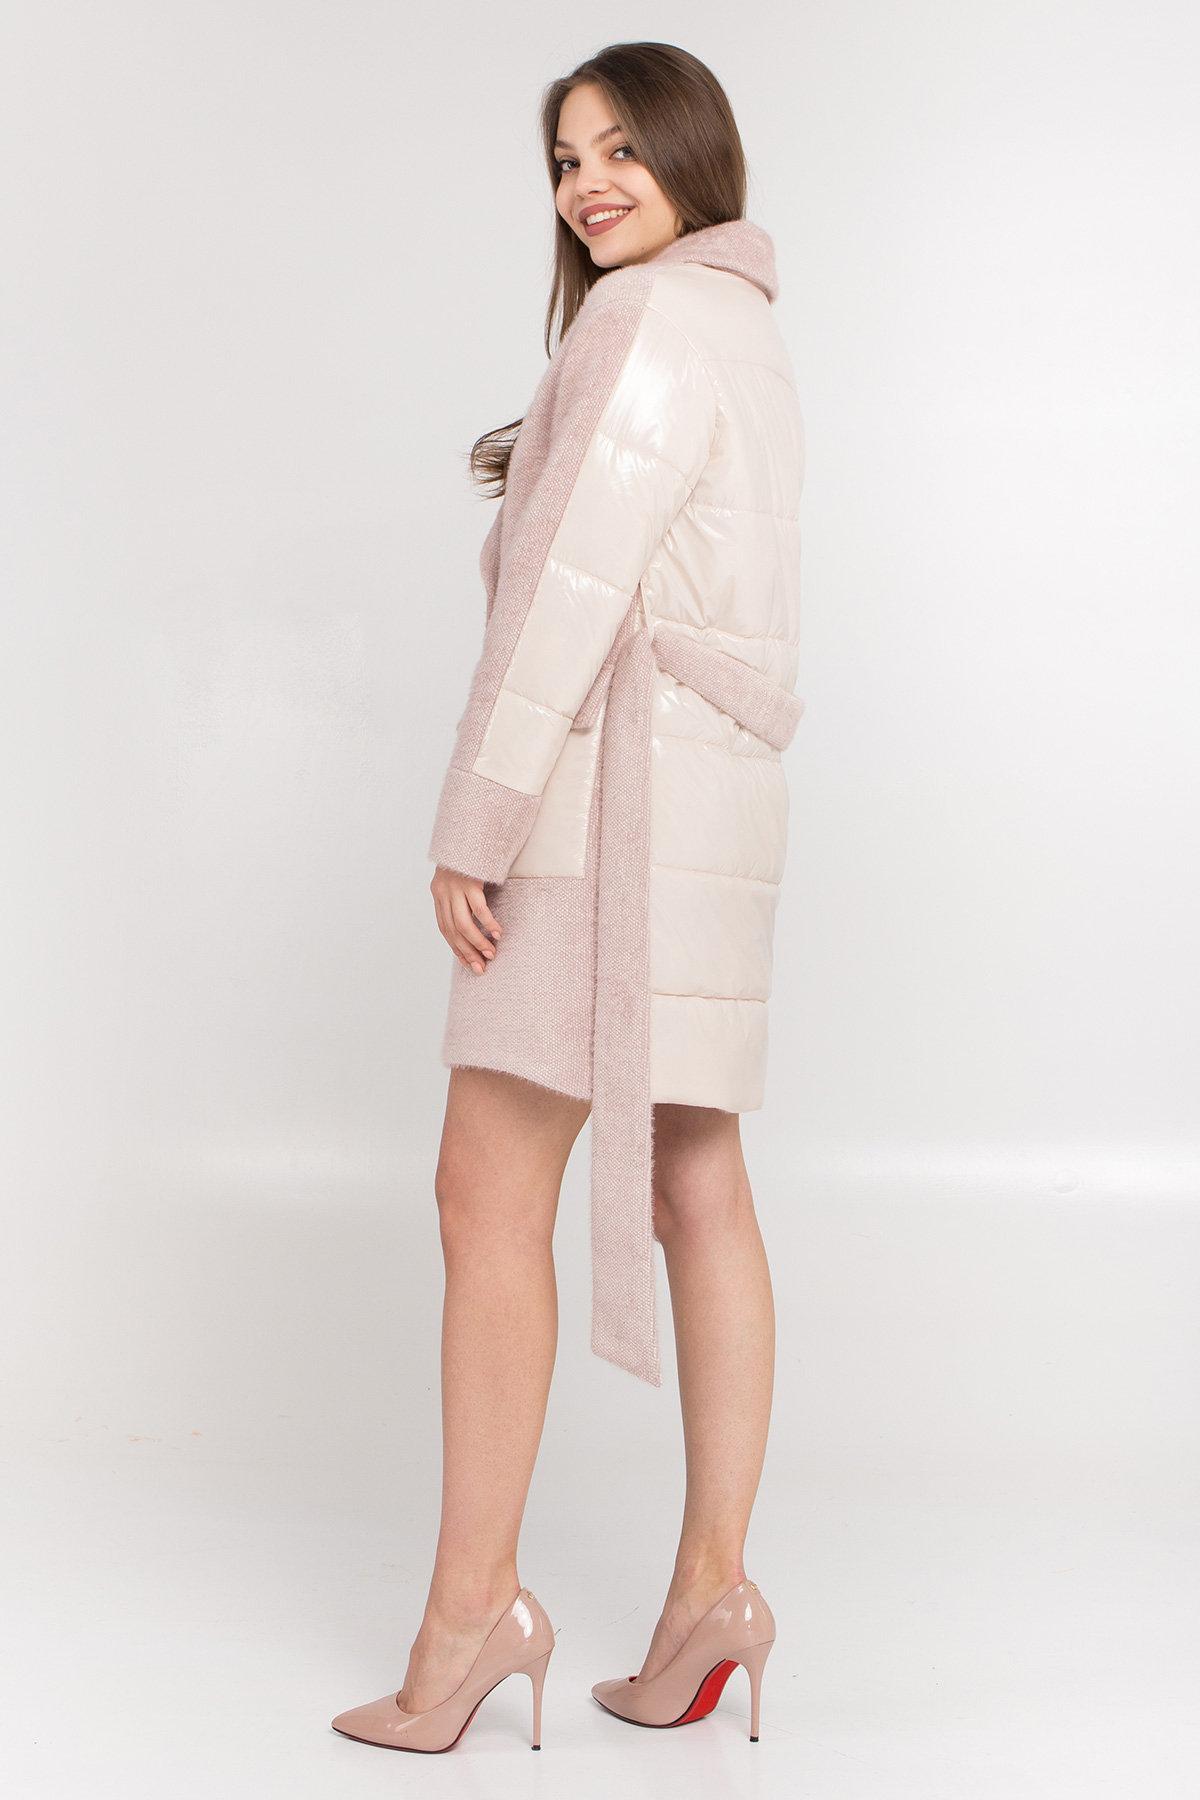 Комбинированное пальто Монклер 8884 АРТ. 45205 Цвет: Пудра/молоко - фото 3, интернет магазин tm-modus.ru